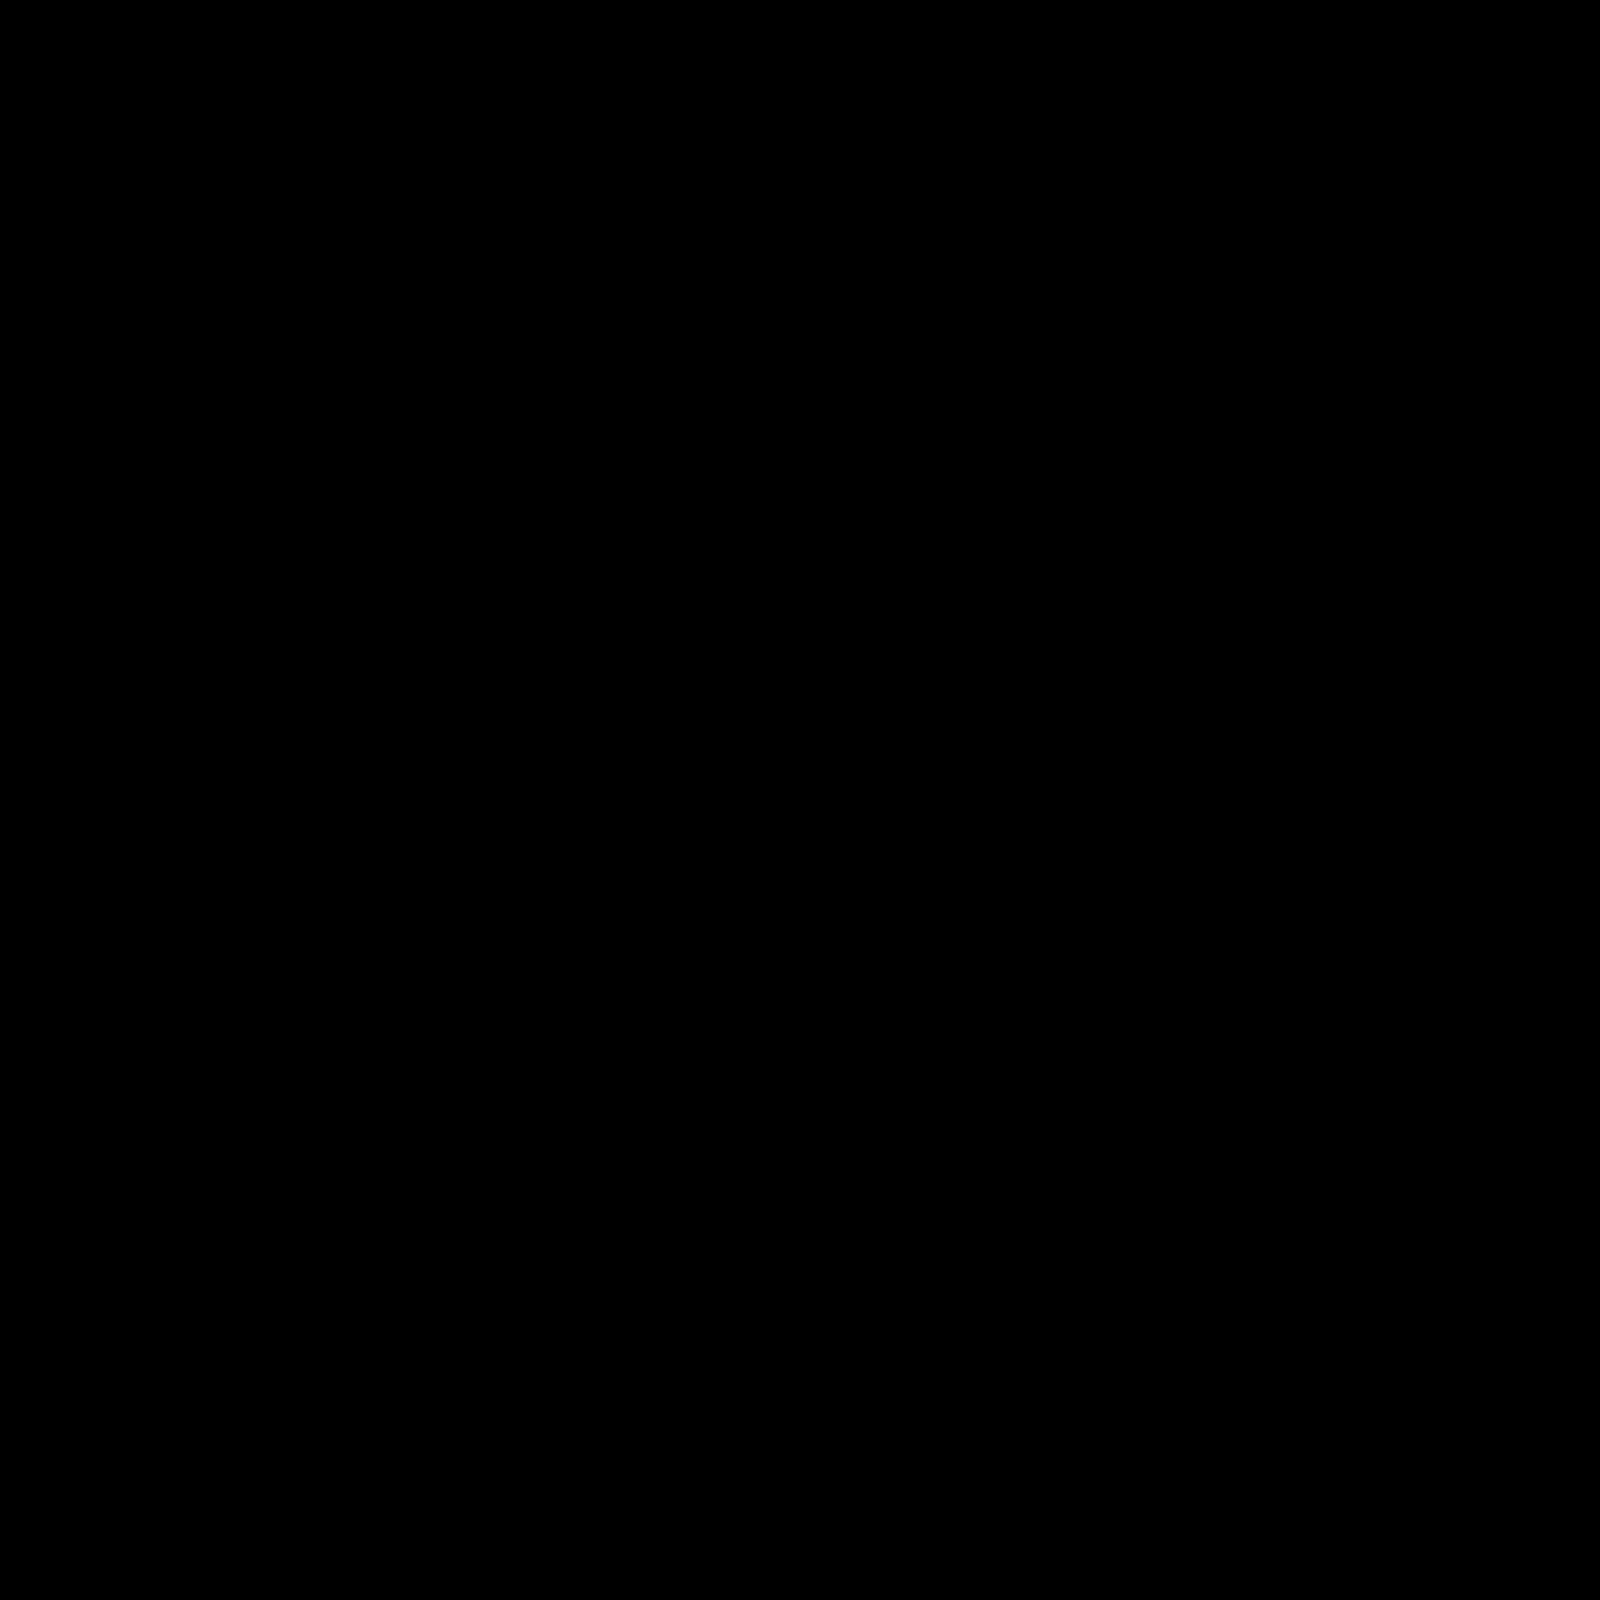 移動 icon